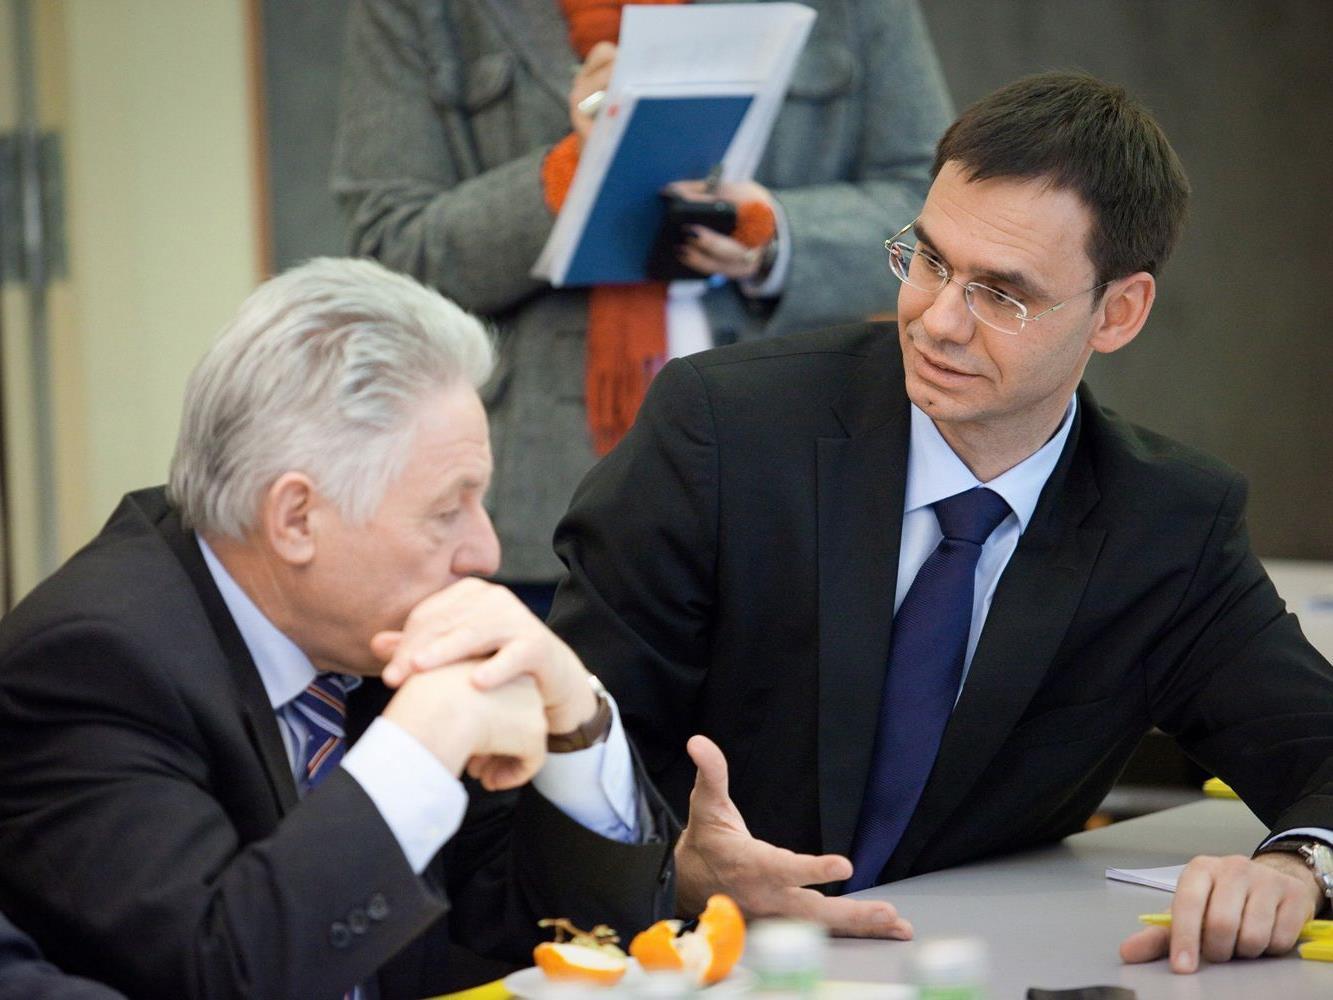 Landeshauptleute geben grünes Licht für Stabilitätspakt.